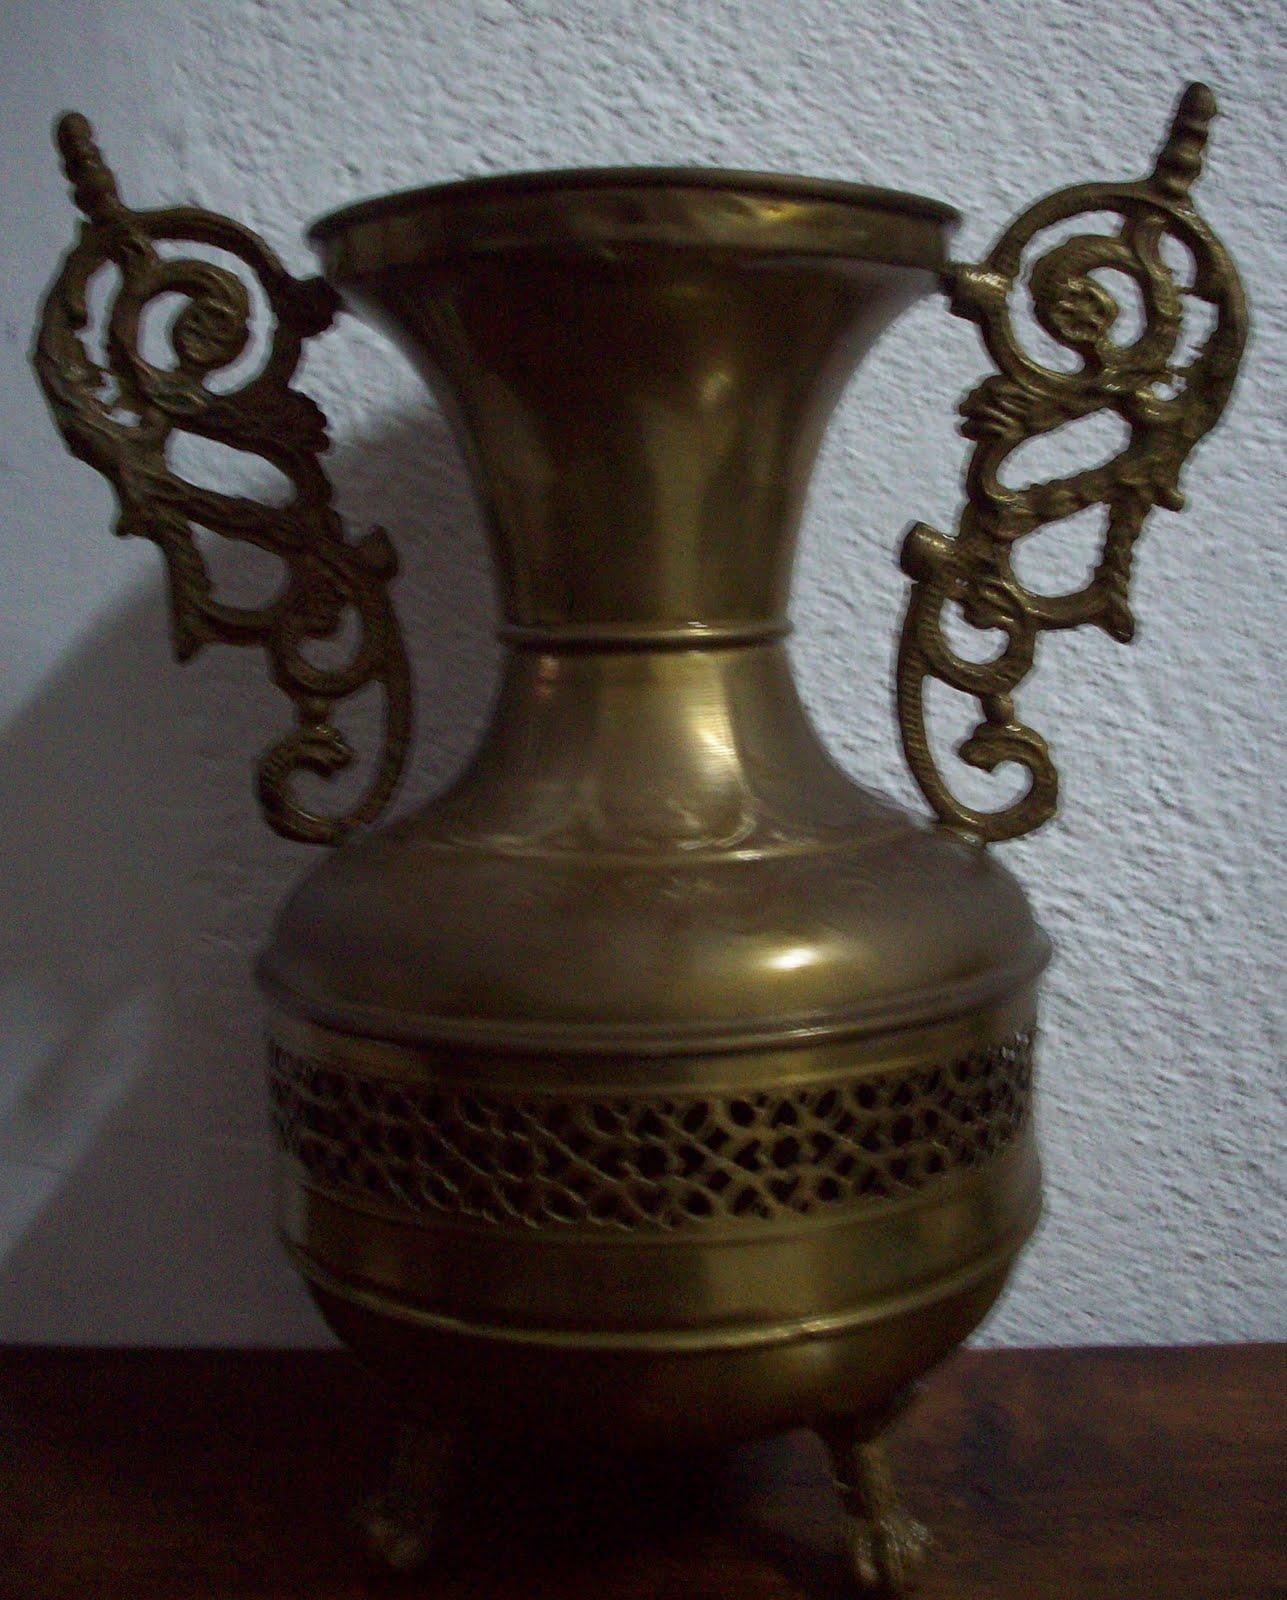 Objetos del pasado objetos de cobre - Objetos de cobre ...